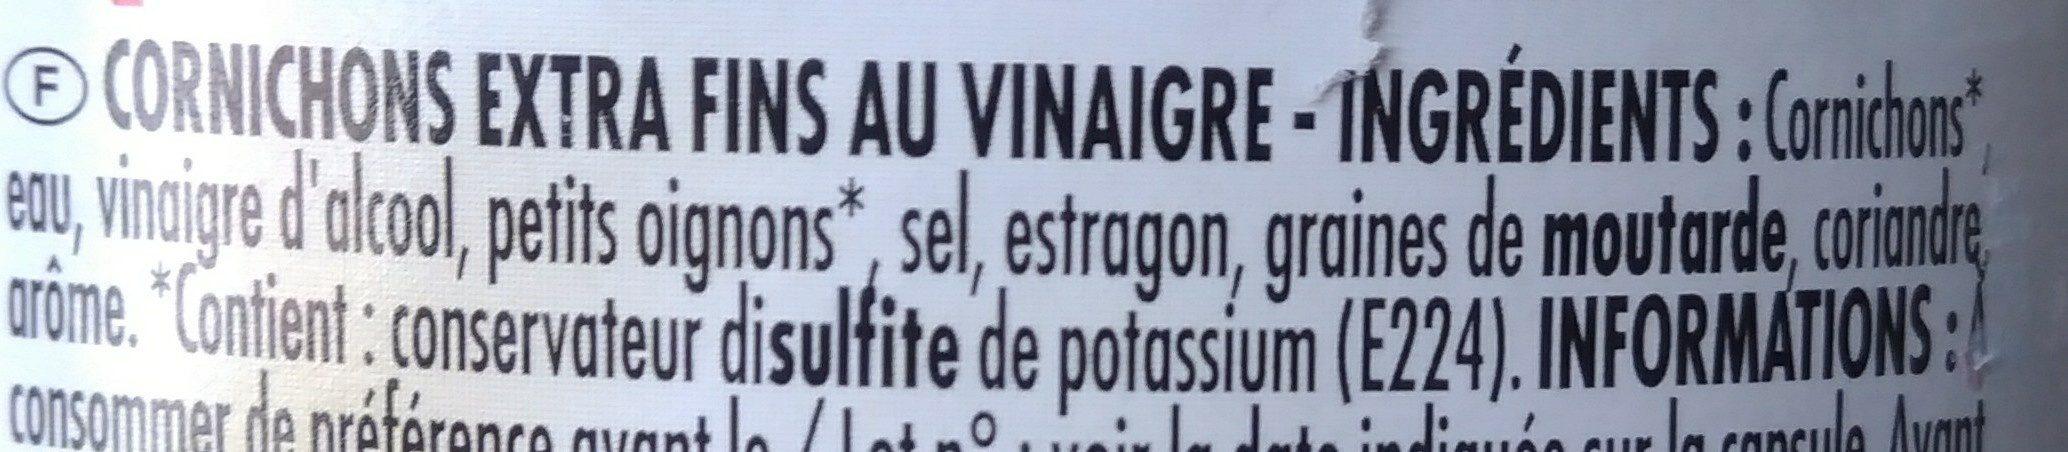 Les Cornichons extra fins - Ingrédients - fr